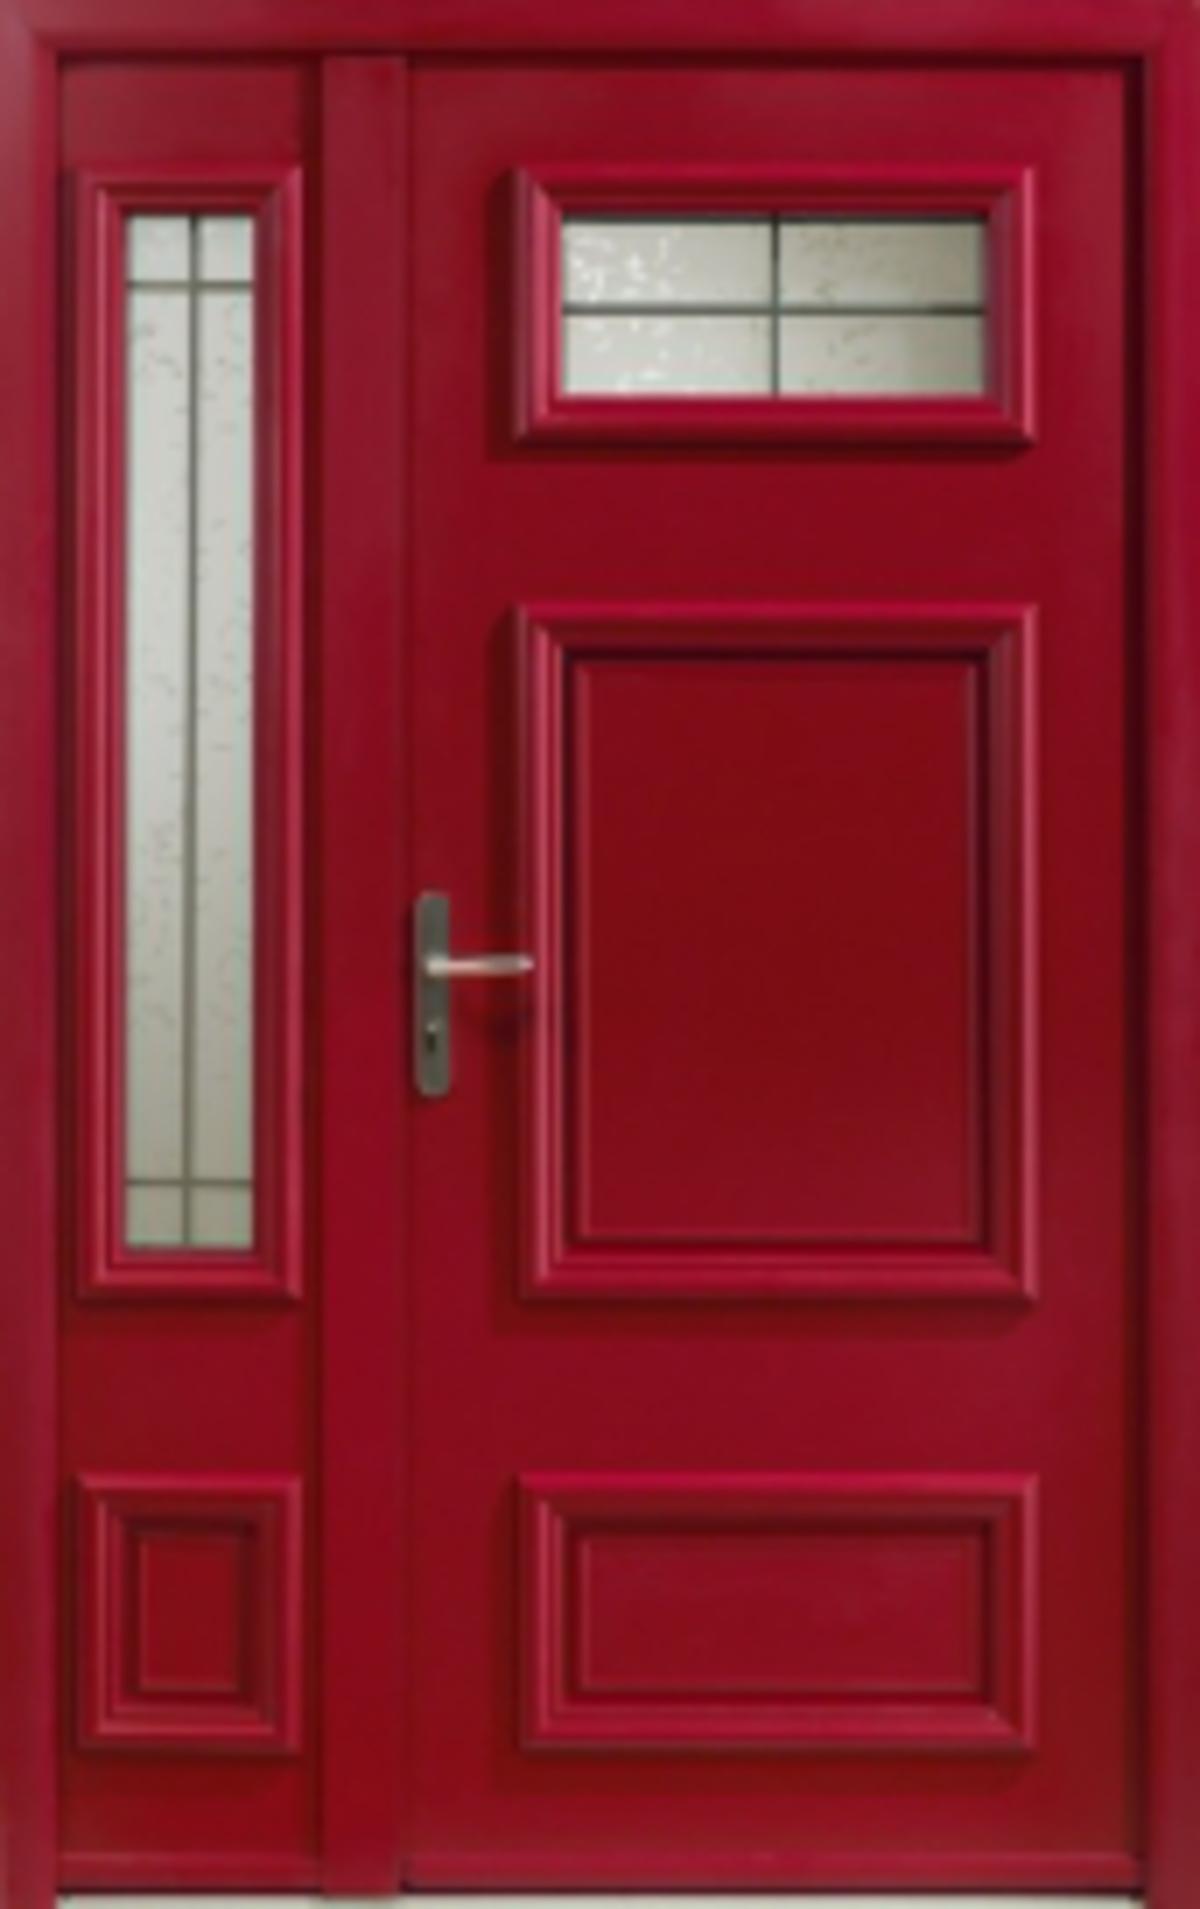 Fen tre facile porte d 39 entr e alu classique mod le nora for Porte d entree largeur 120